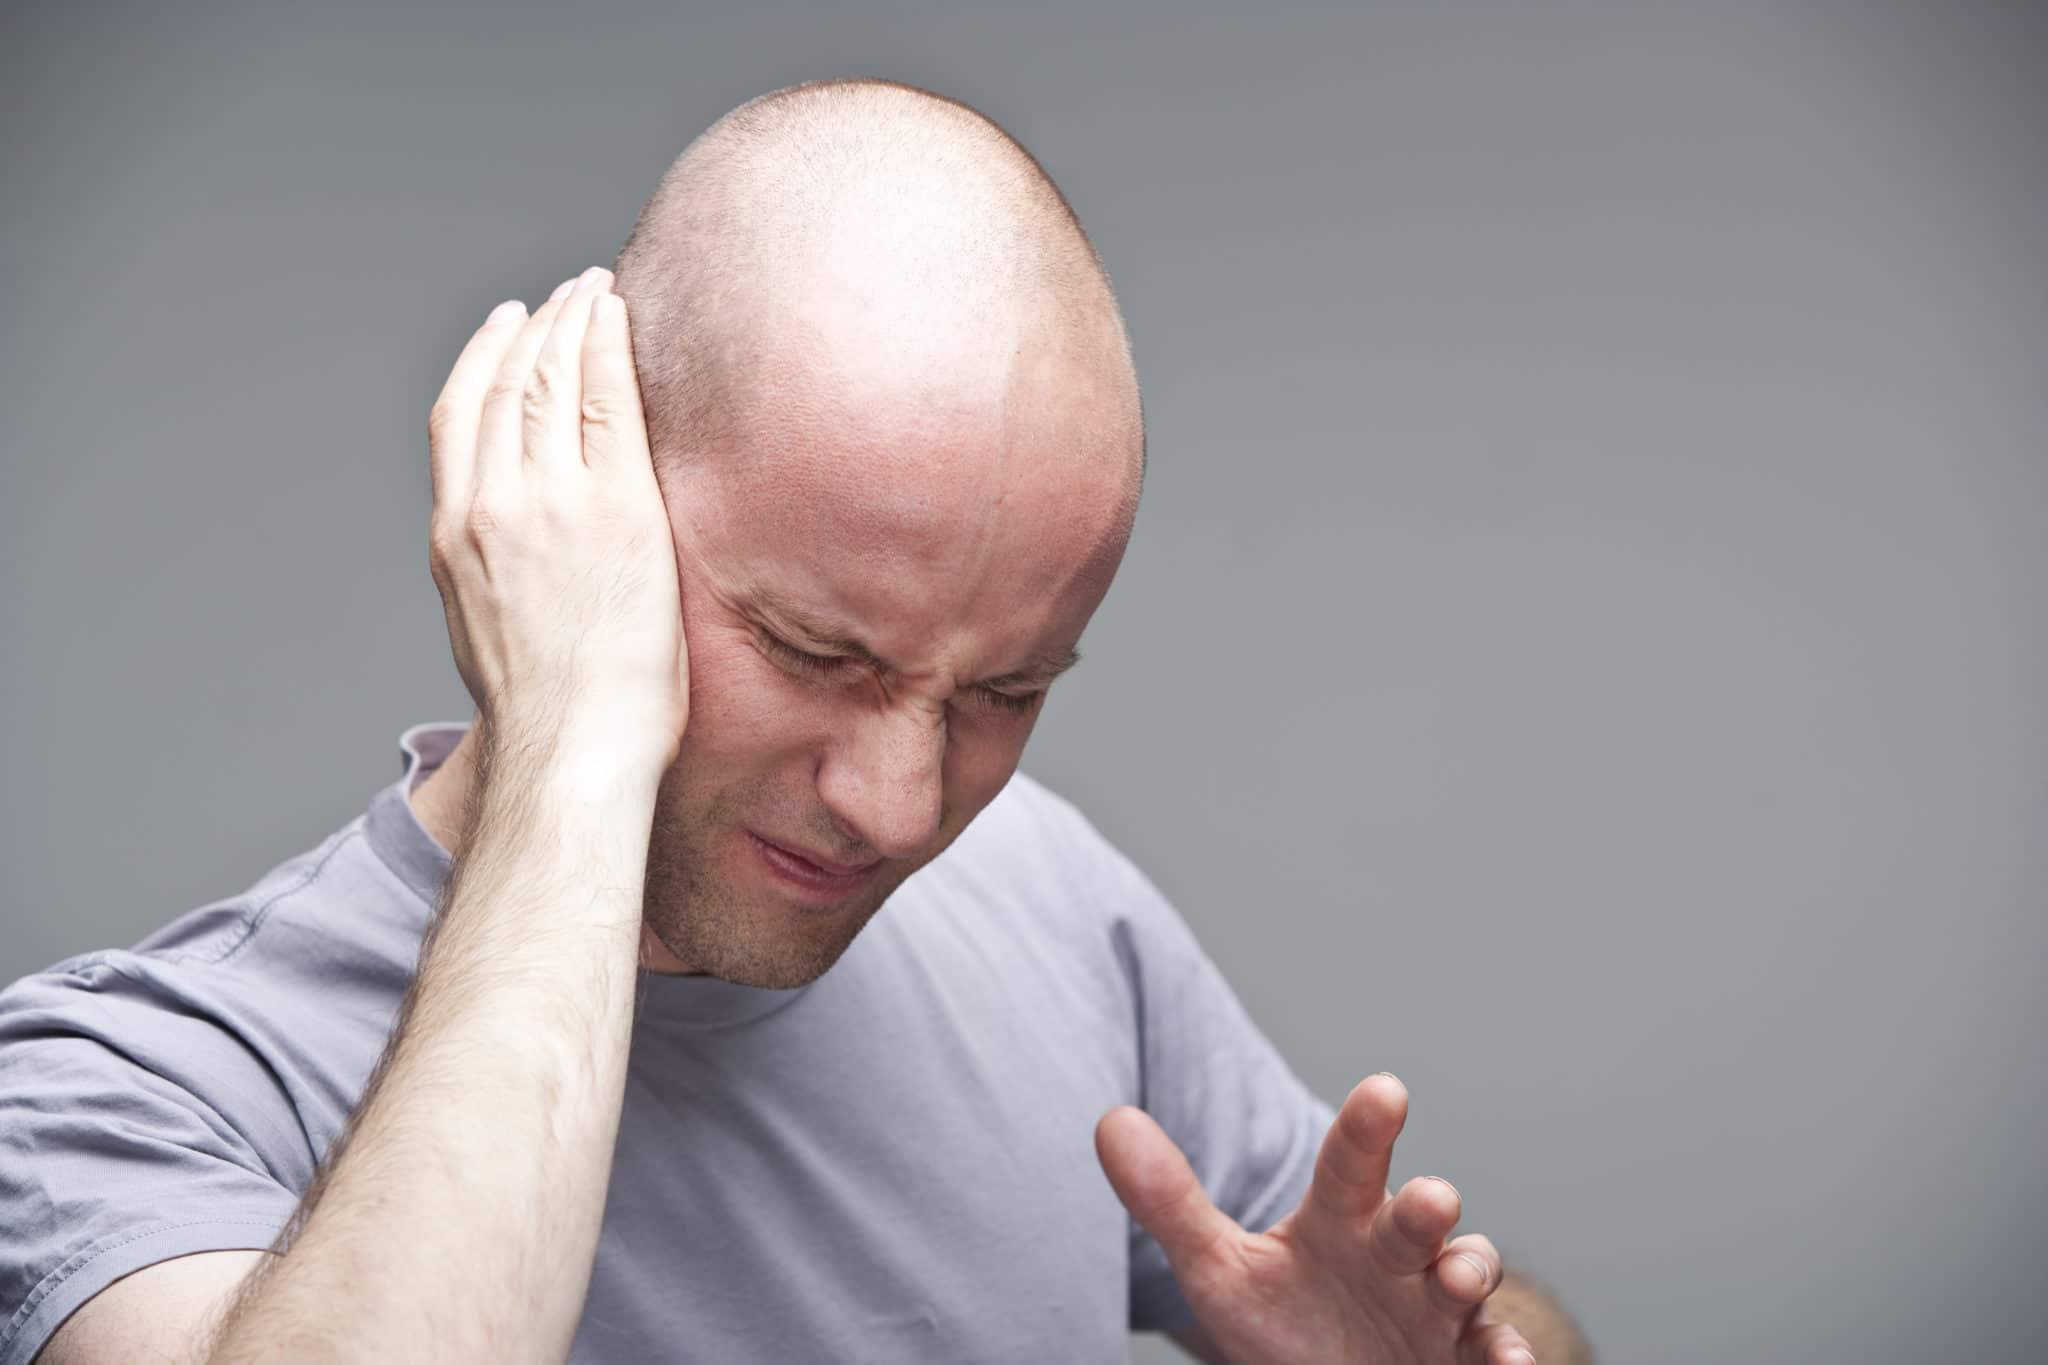 علاج التهاب الأذن.. هل تكرار الإصابة يفقد حاسة السمع؟